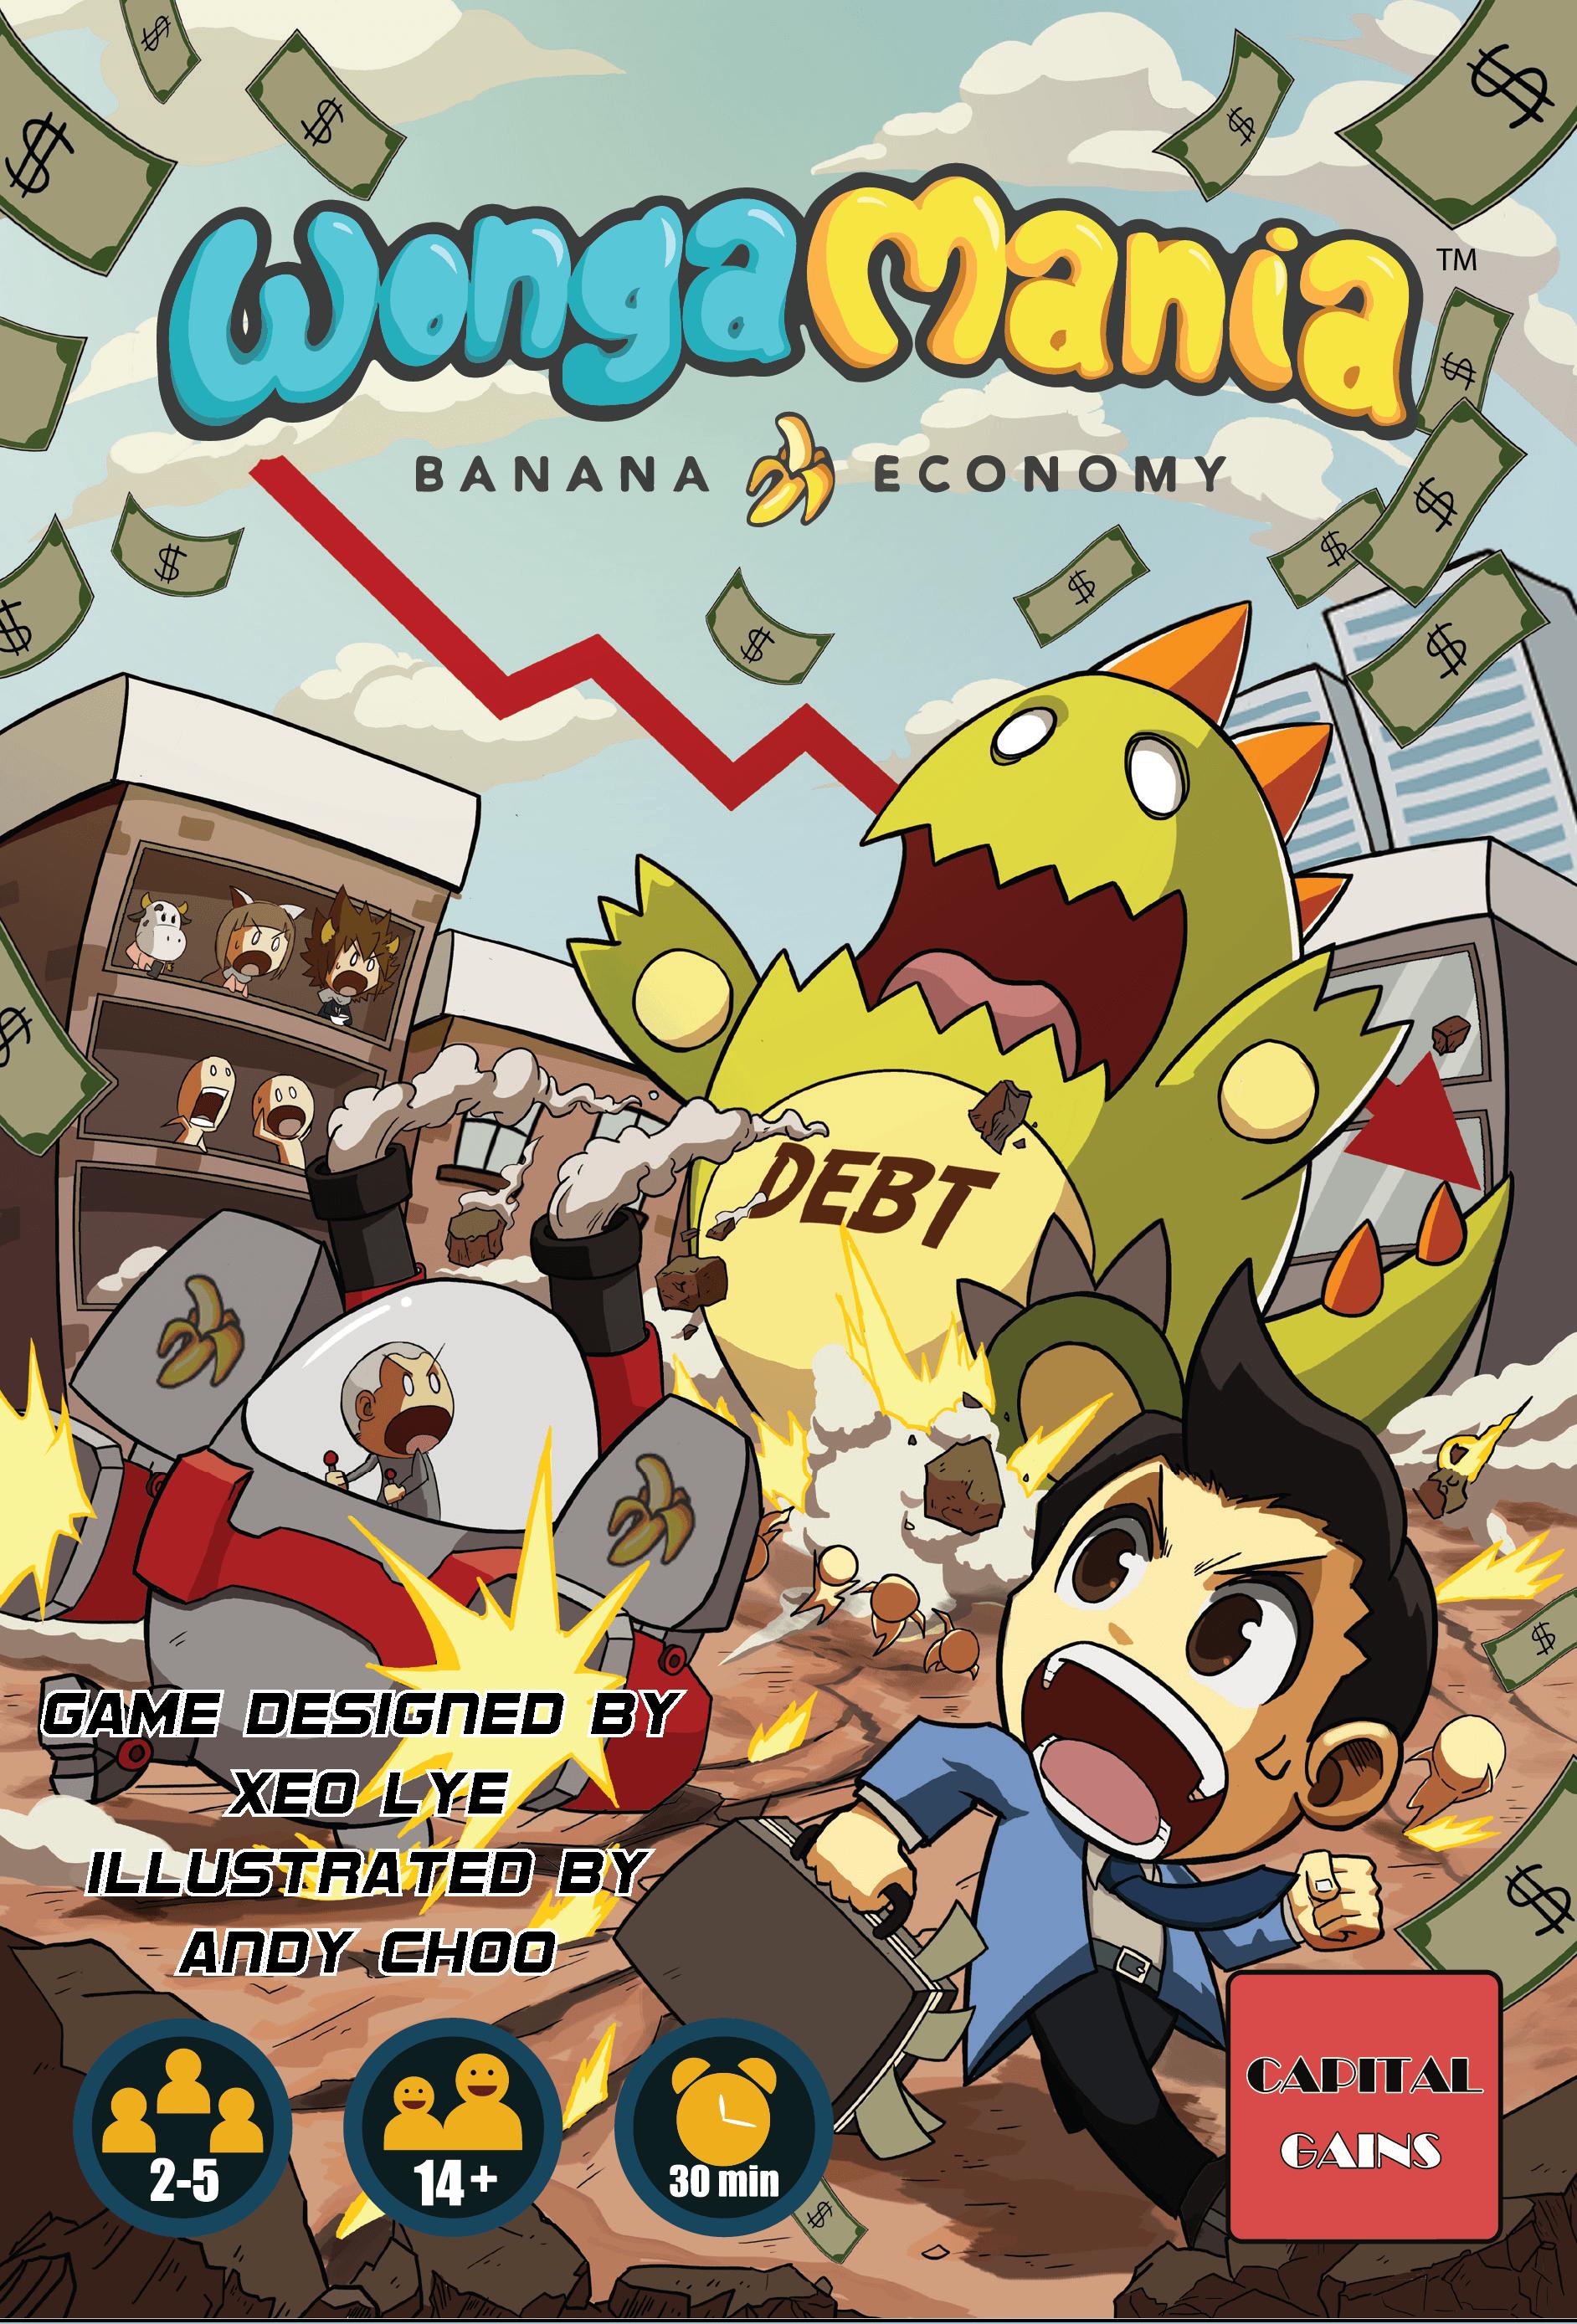 настольная игра Wongamania: Banana Economy Вонгамания: банановая экономика